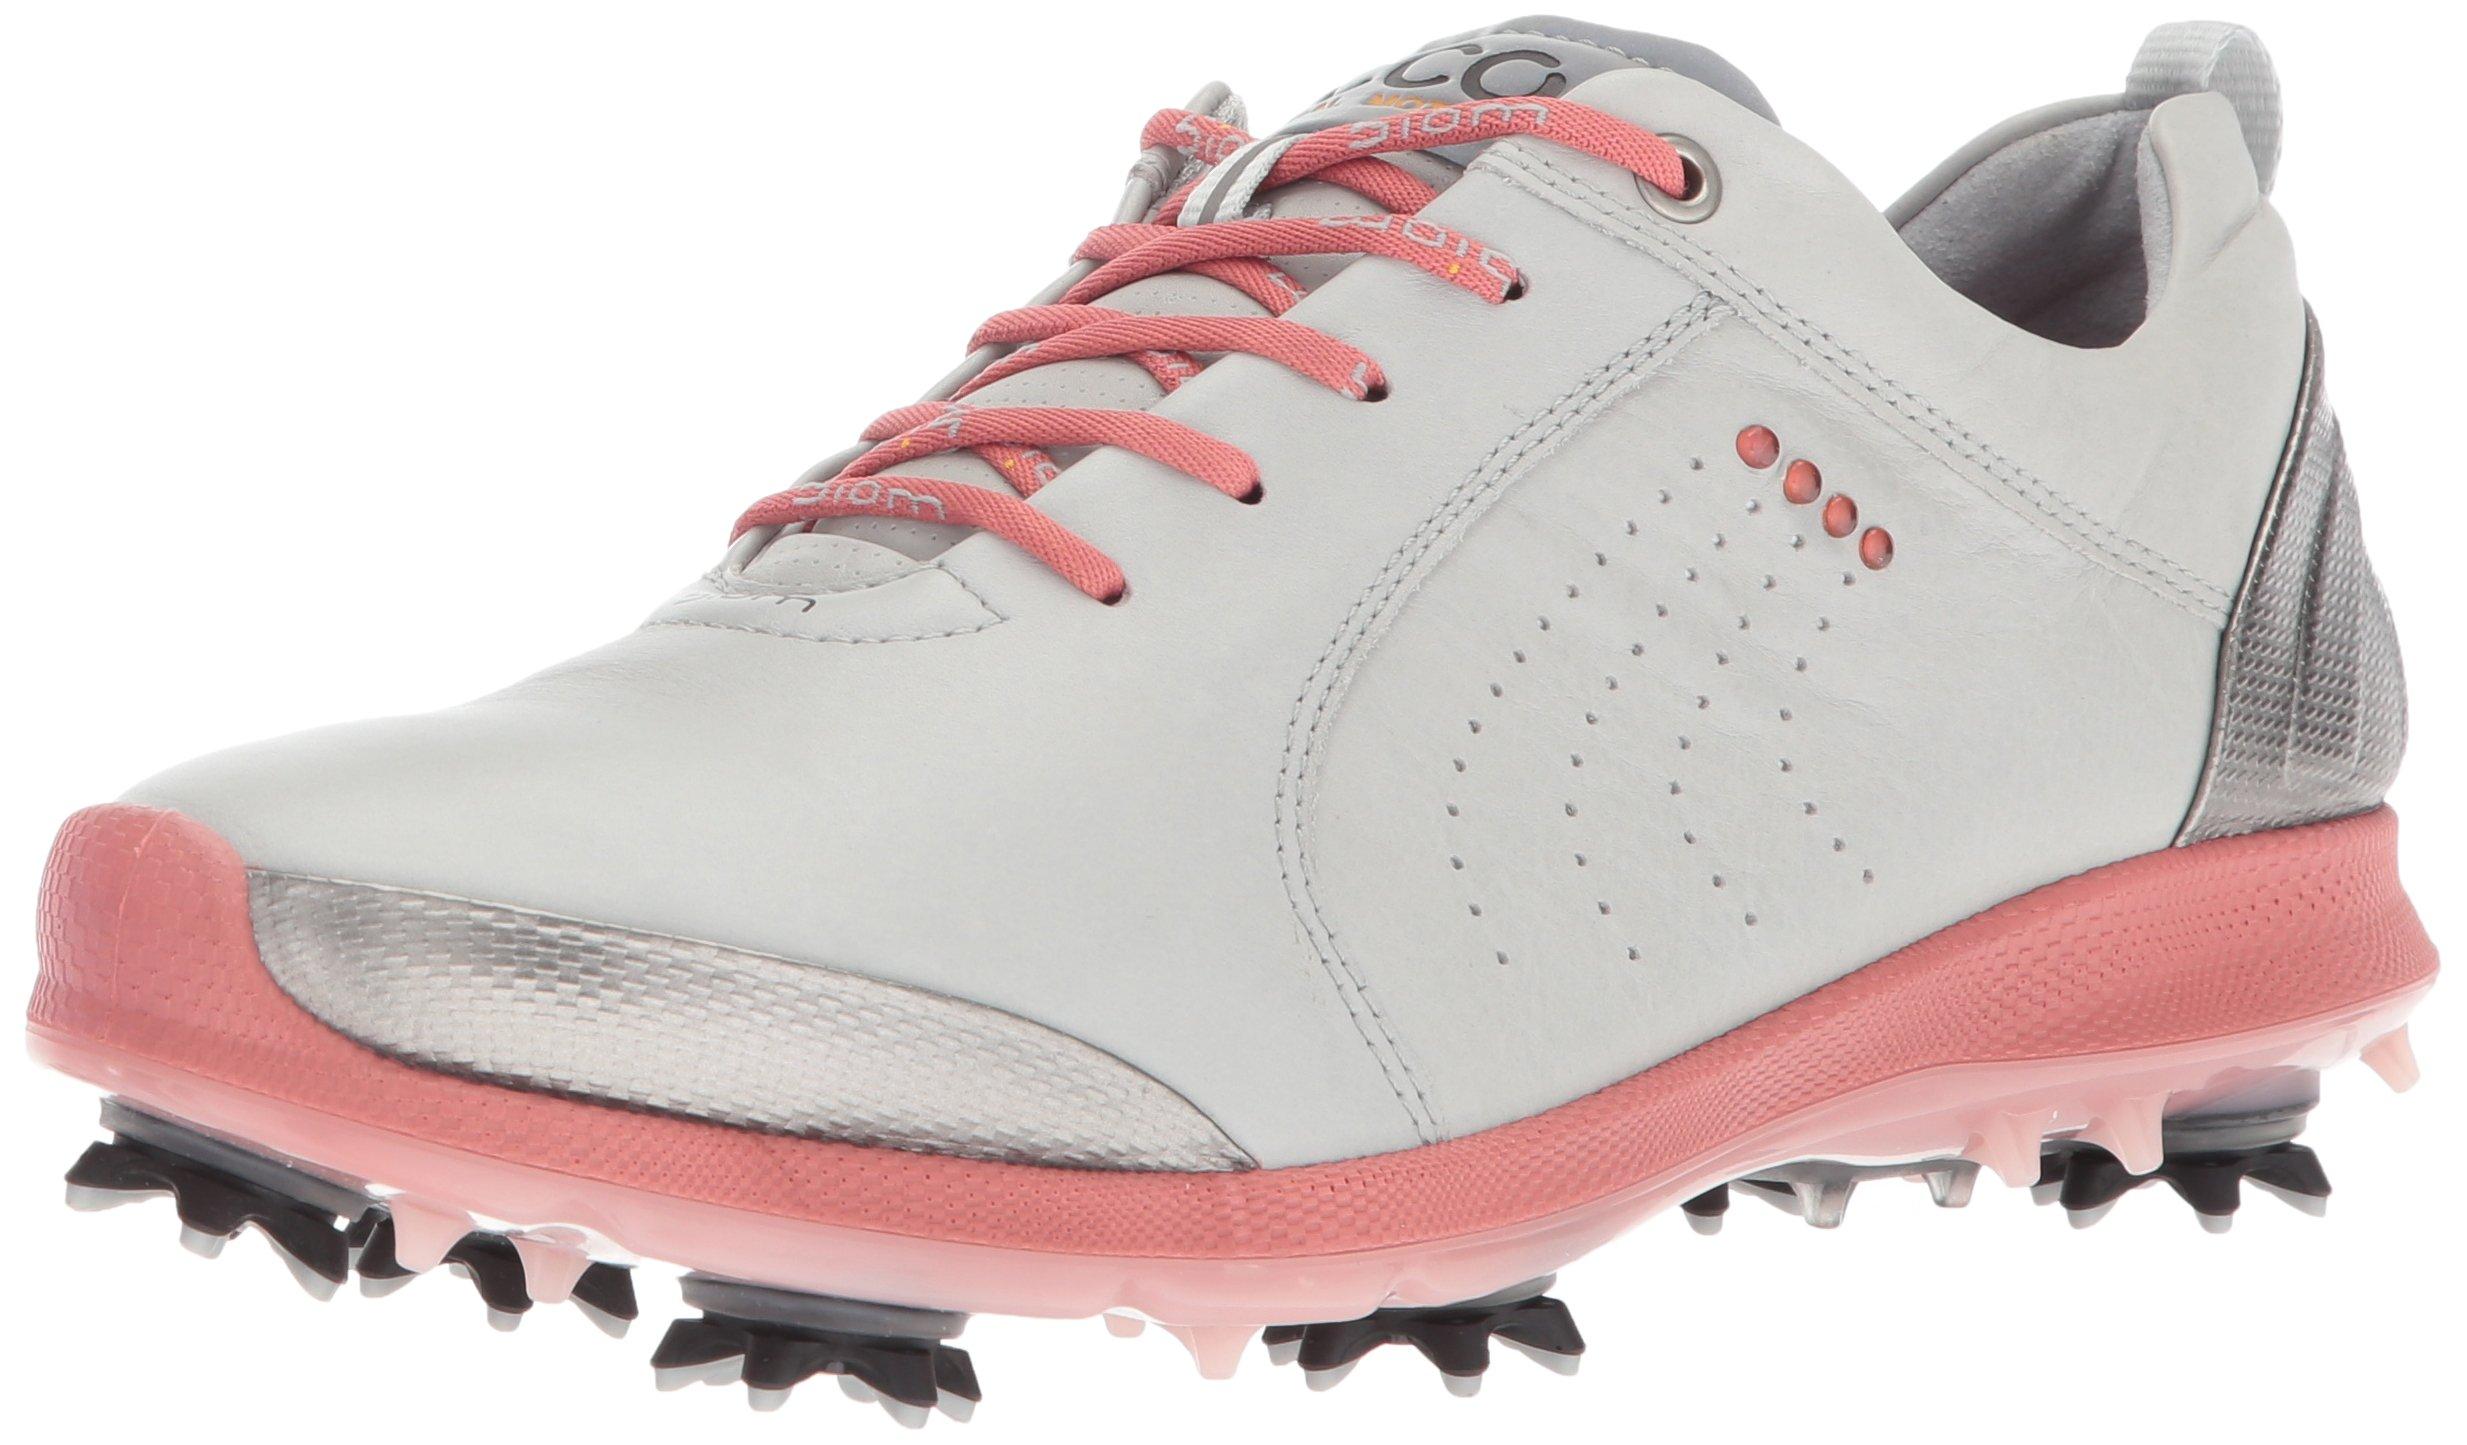 ECCO Women's Boim G 2 Free Golf Shoe, Concrete/Silver Pink, 40 EU/9-9.5 M US